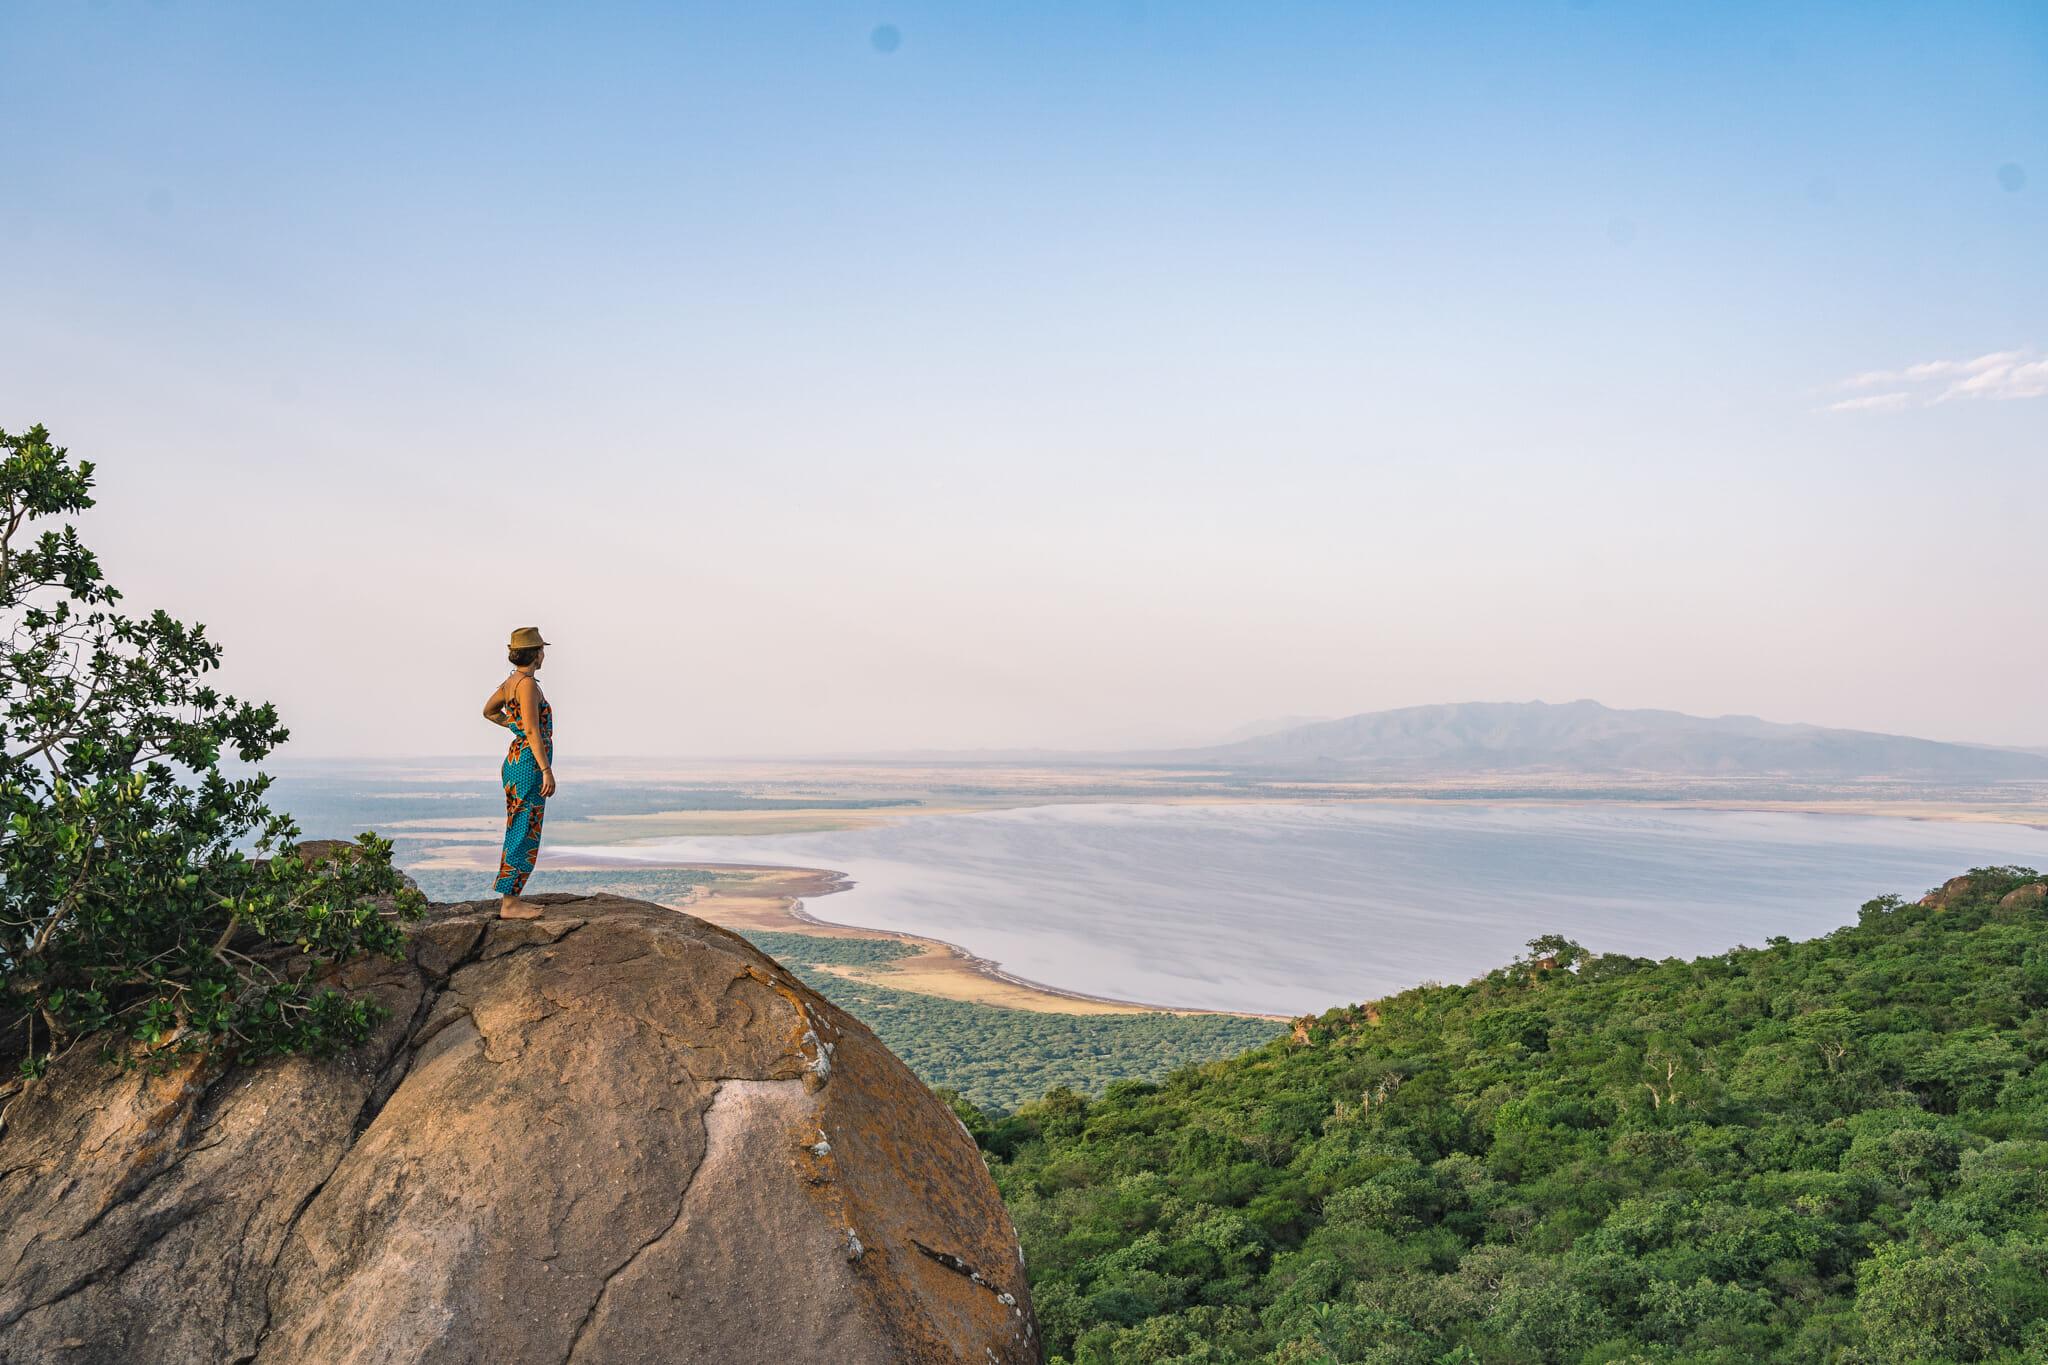 Point de vue sur le lac Manyara lors de l'immersion dans le village d'Endallah en Tanzanie